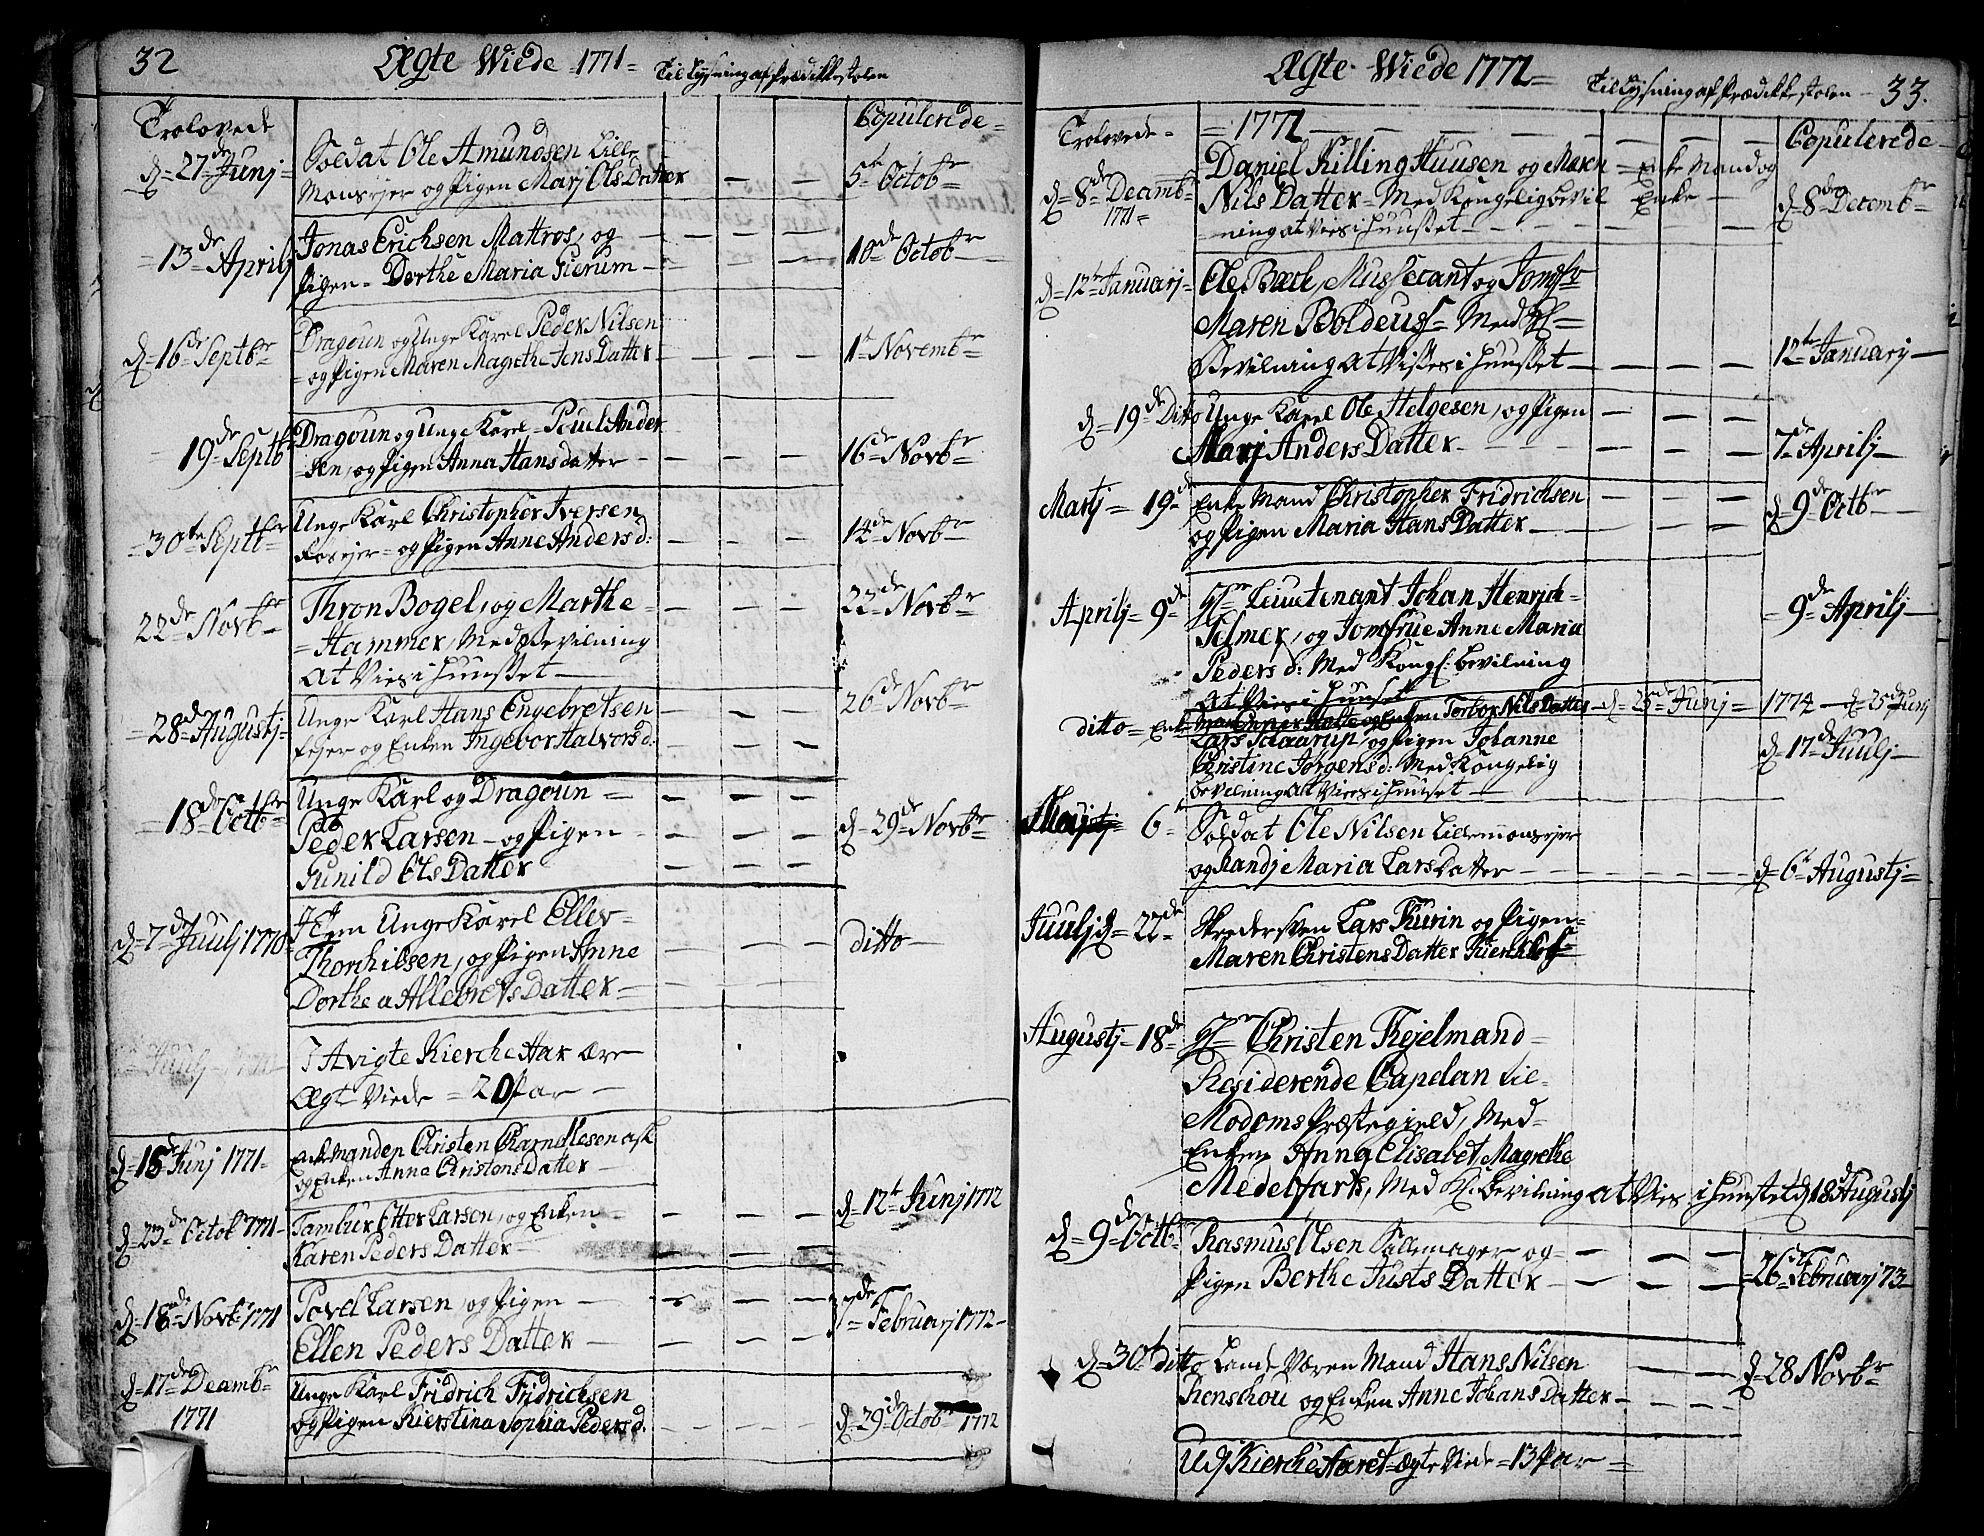 SAKO, Bragernes kirkebøker, F/Fa/L0005: Ministerialbok nr. I 5, 1759-1781, s. 32-33